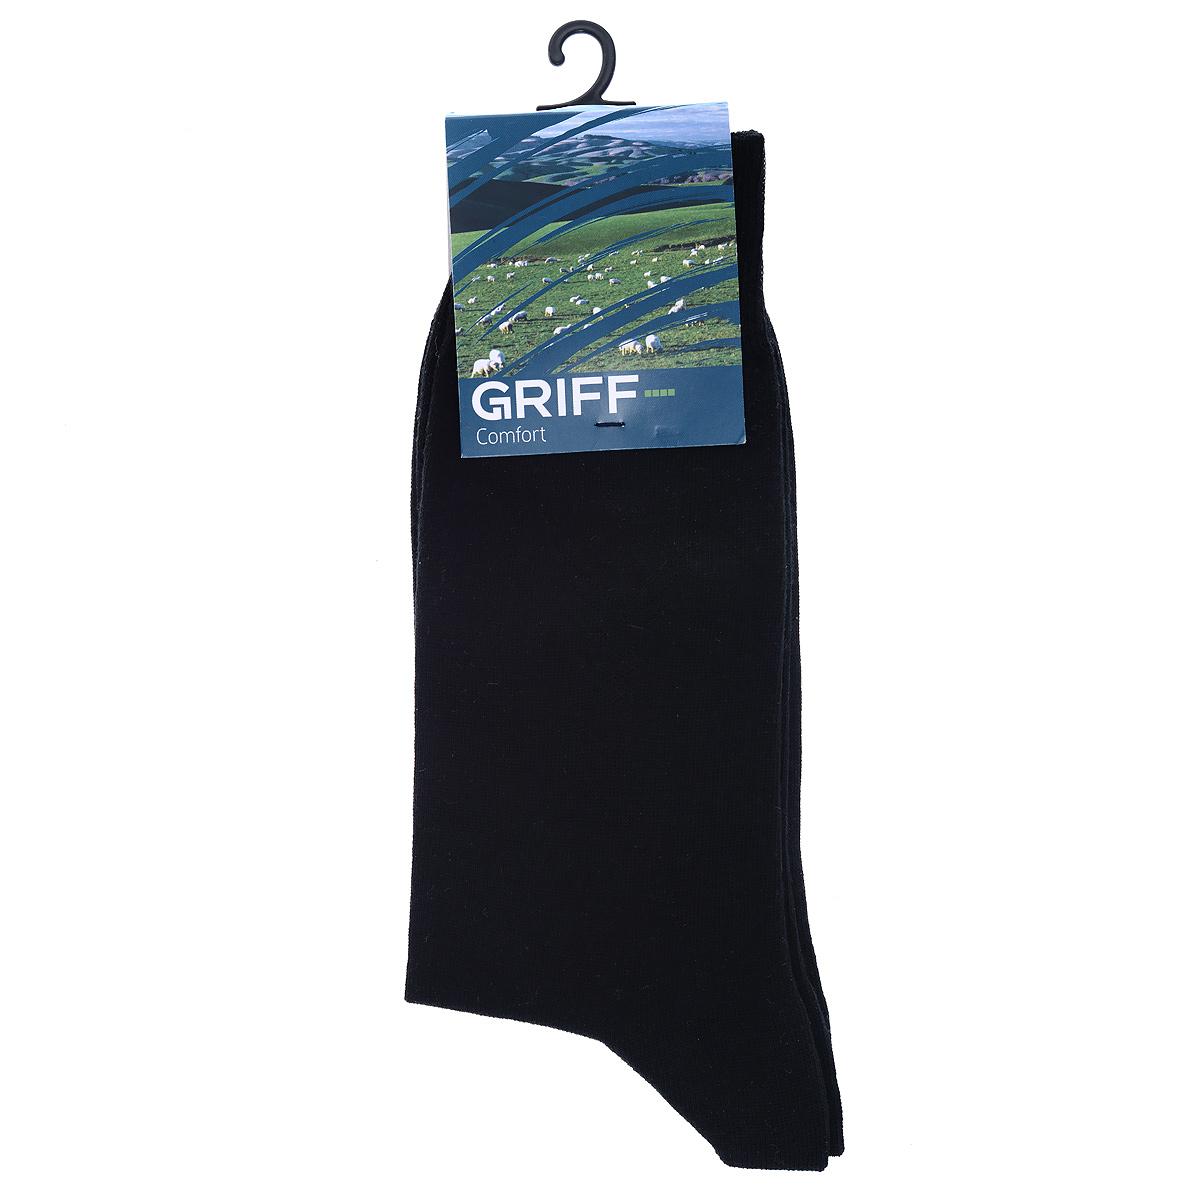 НоскиМ2Мужские носки Griff Comfort с удлиненным паголенком изготовлены из высококачественного волокна - хлопок SeaCell. Комфортная широкая резинка пресс-контроль не сдавливает и комфортно облегает ногу. Обладают повышенной прочностью, благодаря усиленной